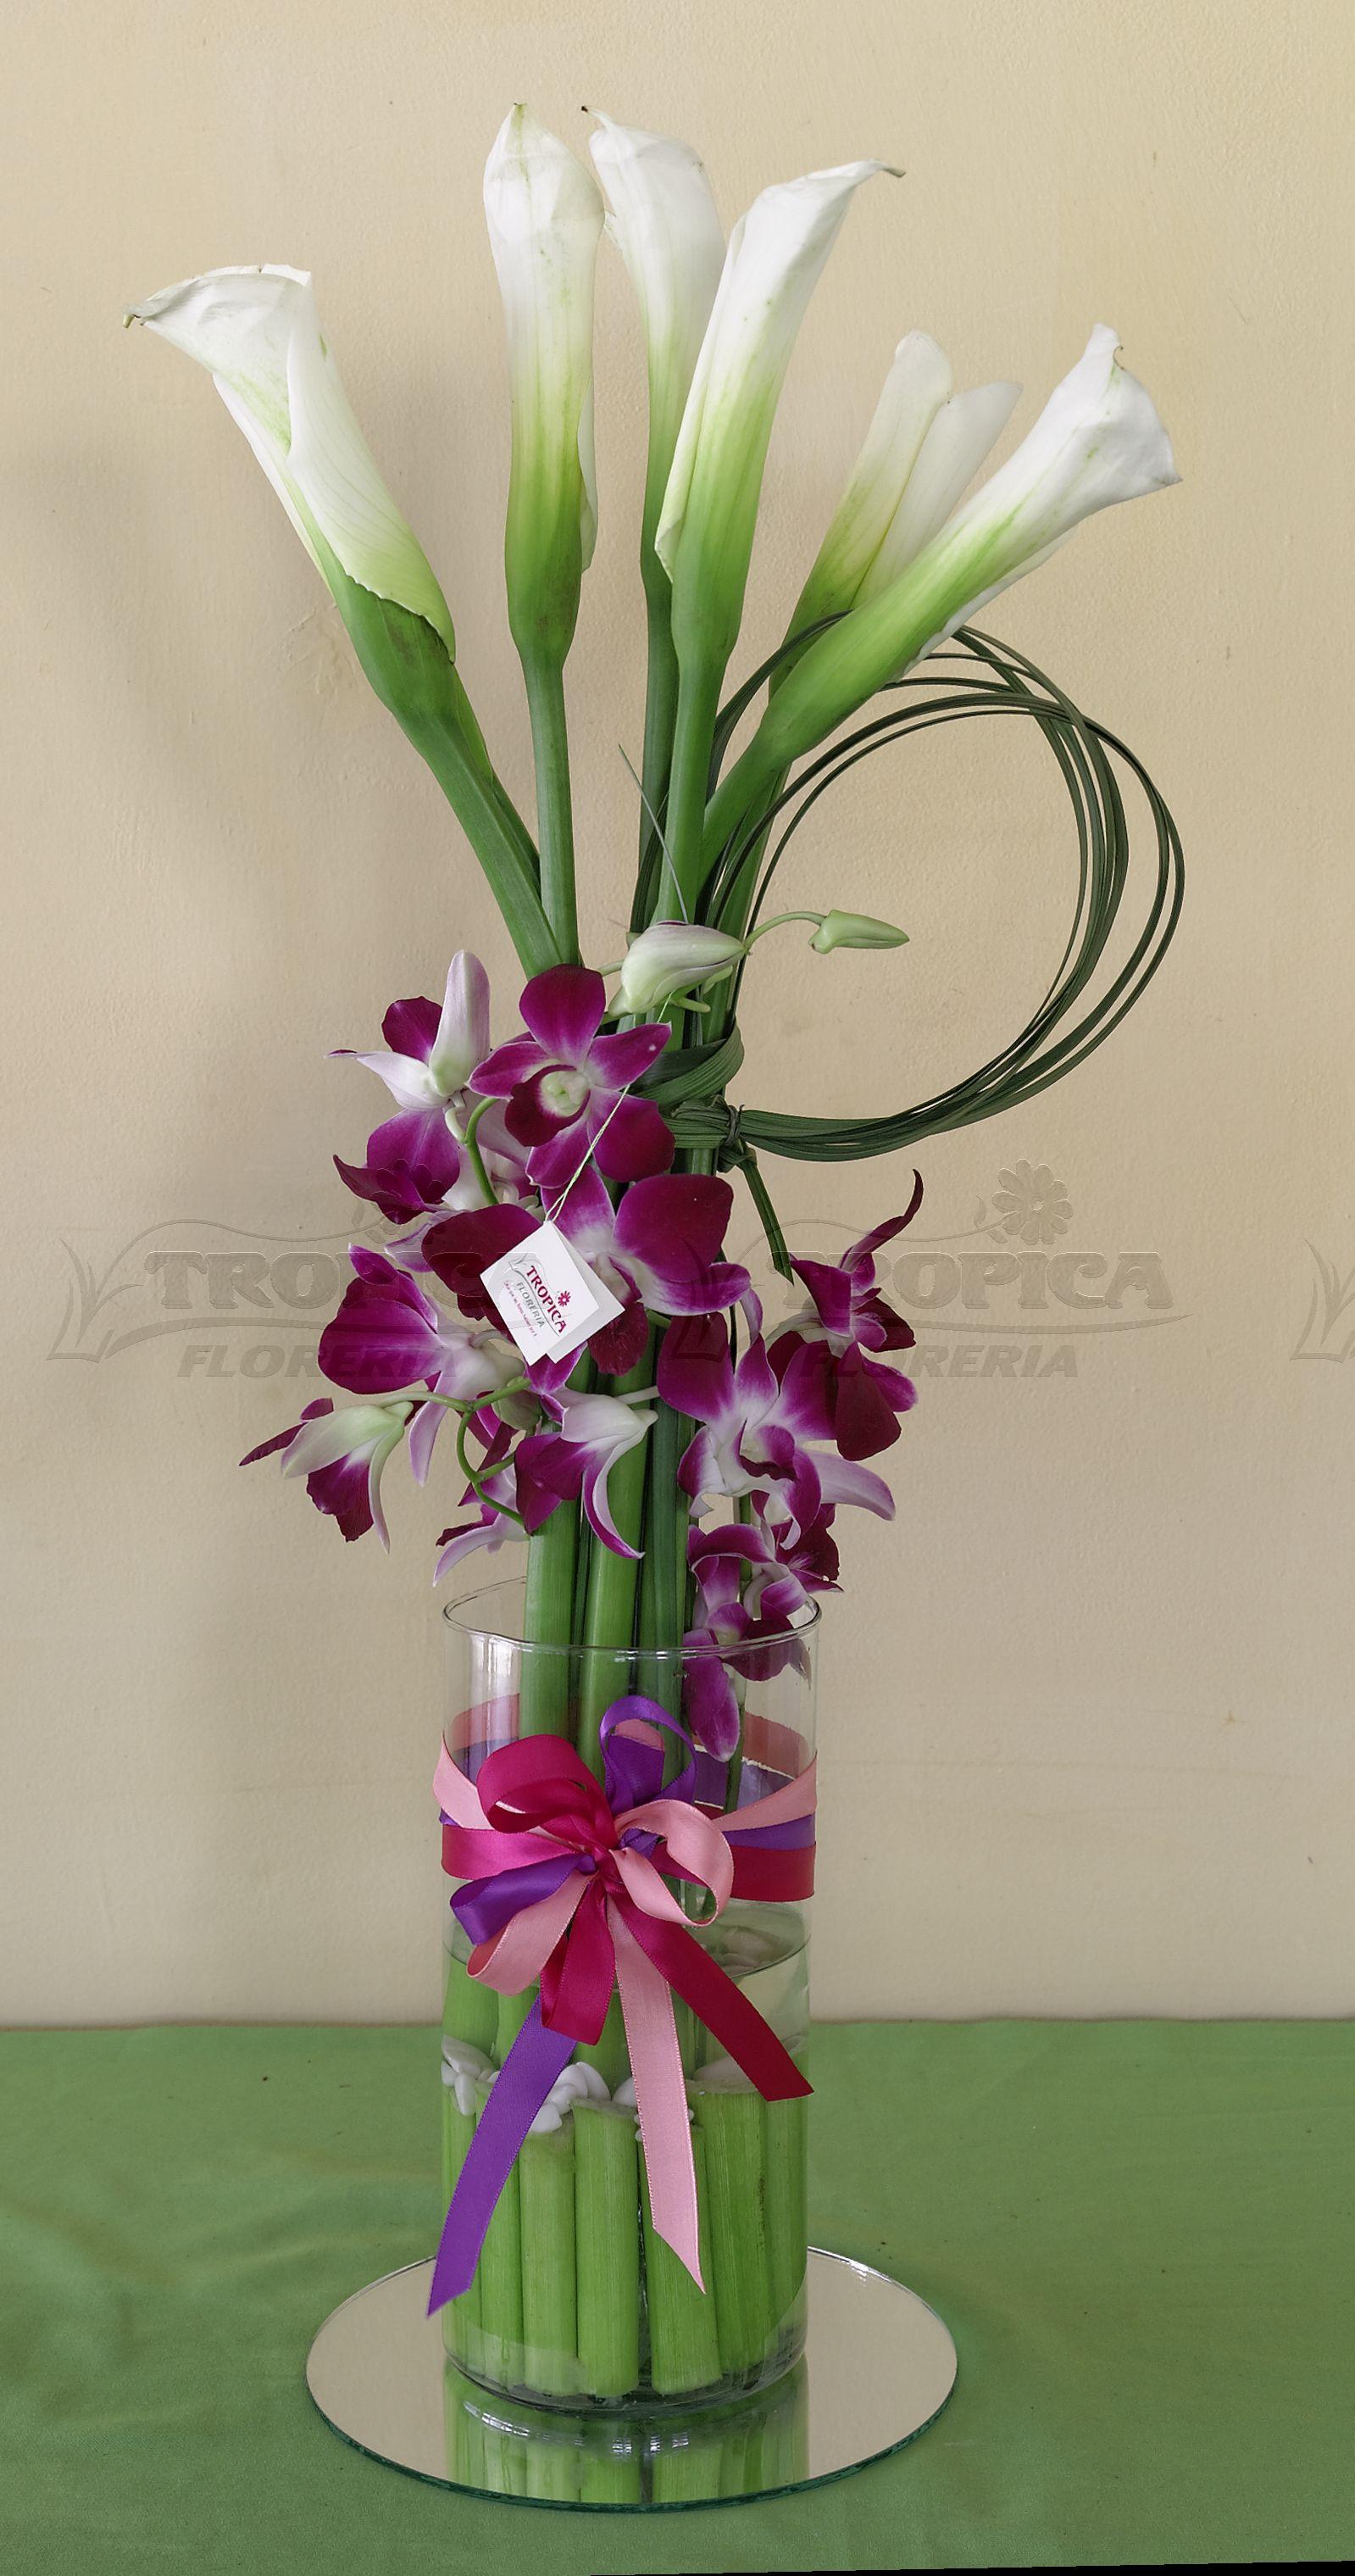 Arreglo Floral De Alcatraces Con Orquideas At Tropica